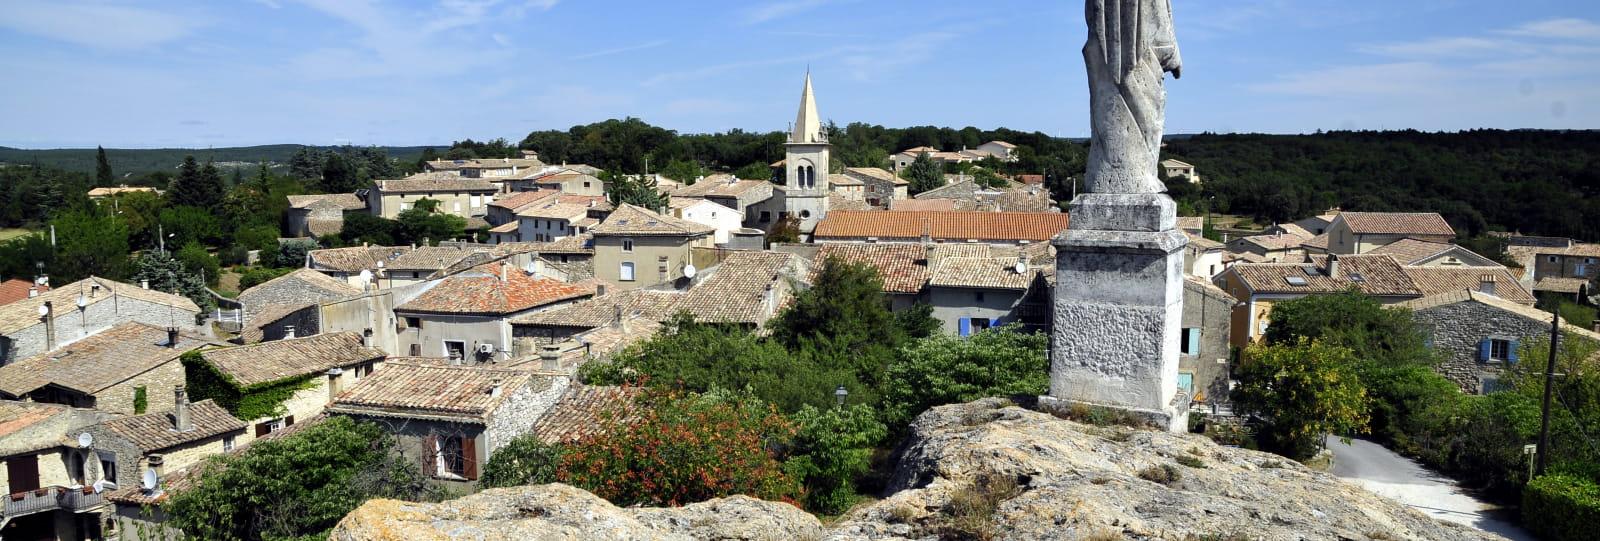 Vue générale - Village de Réauville